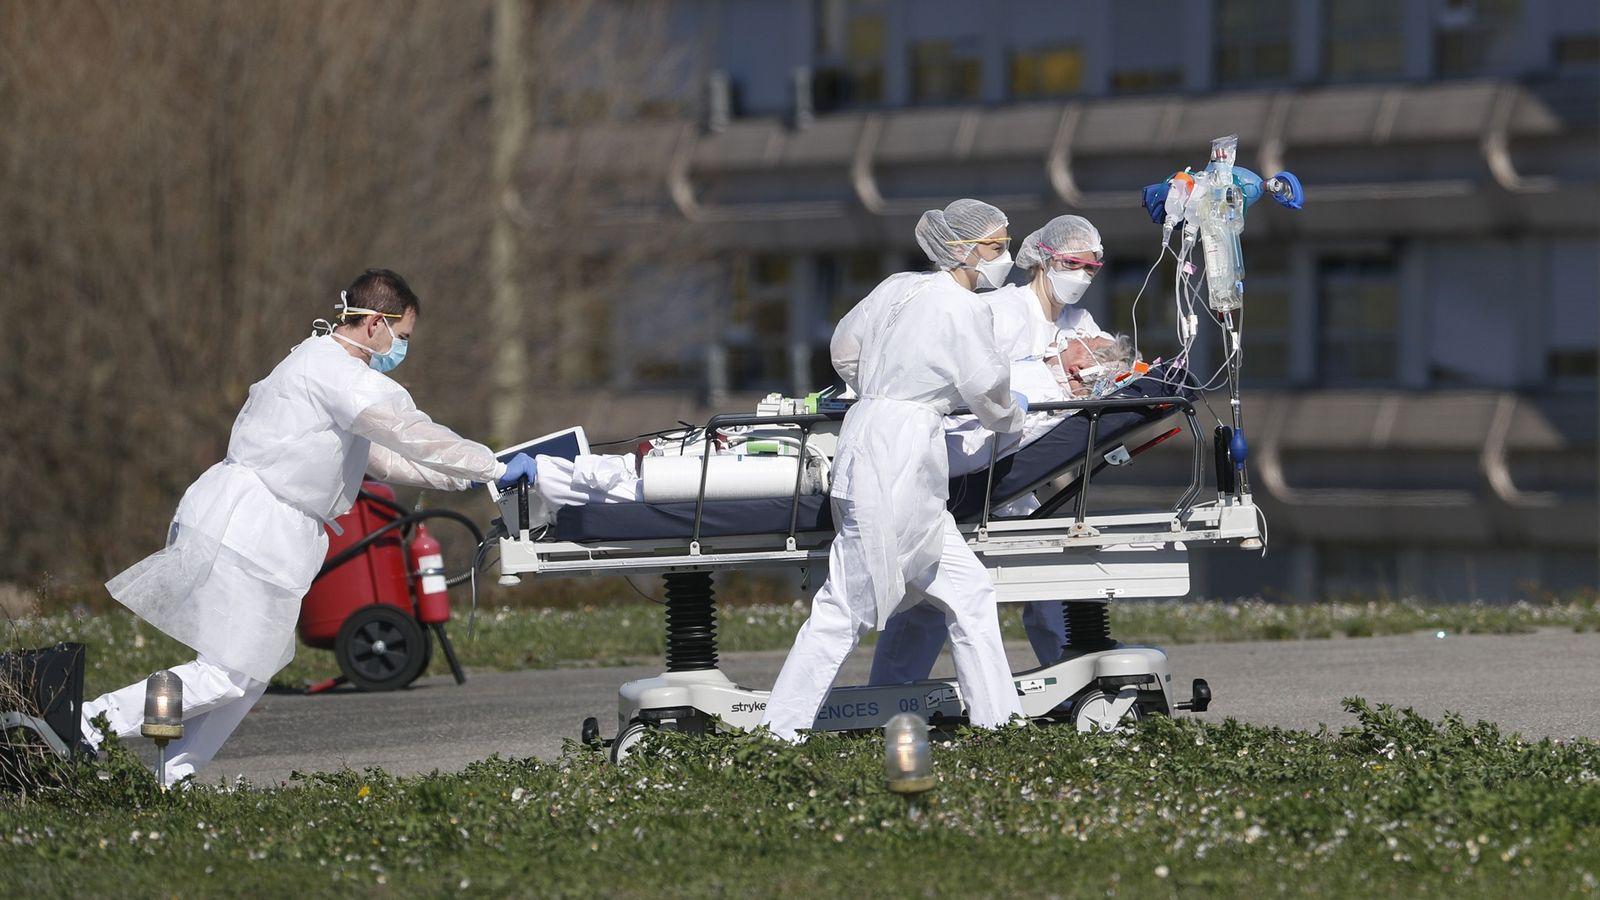 Paciente com Covid-19 é transferido do hospital civil de Mulhouse, no leste da França, na segunda-feira, ...